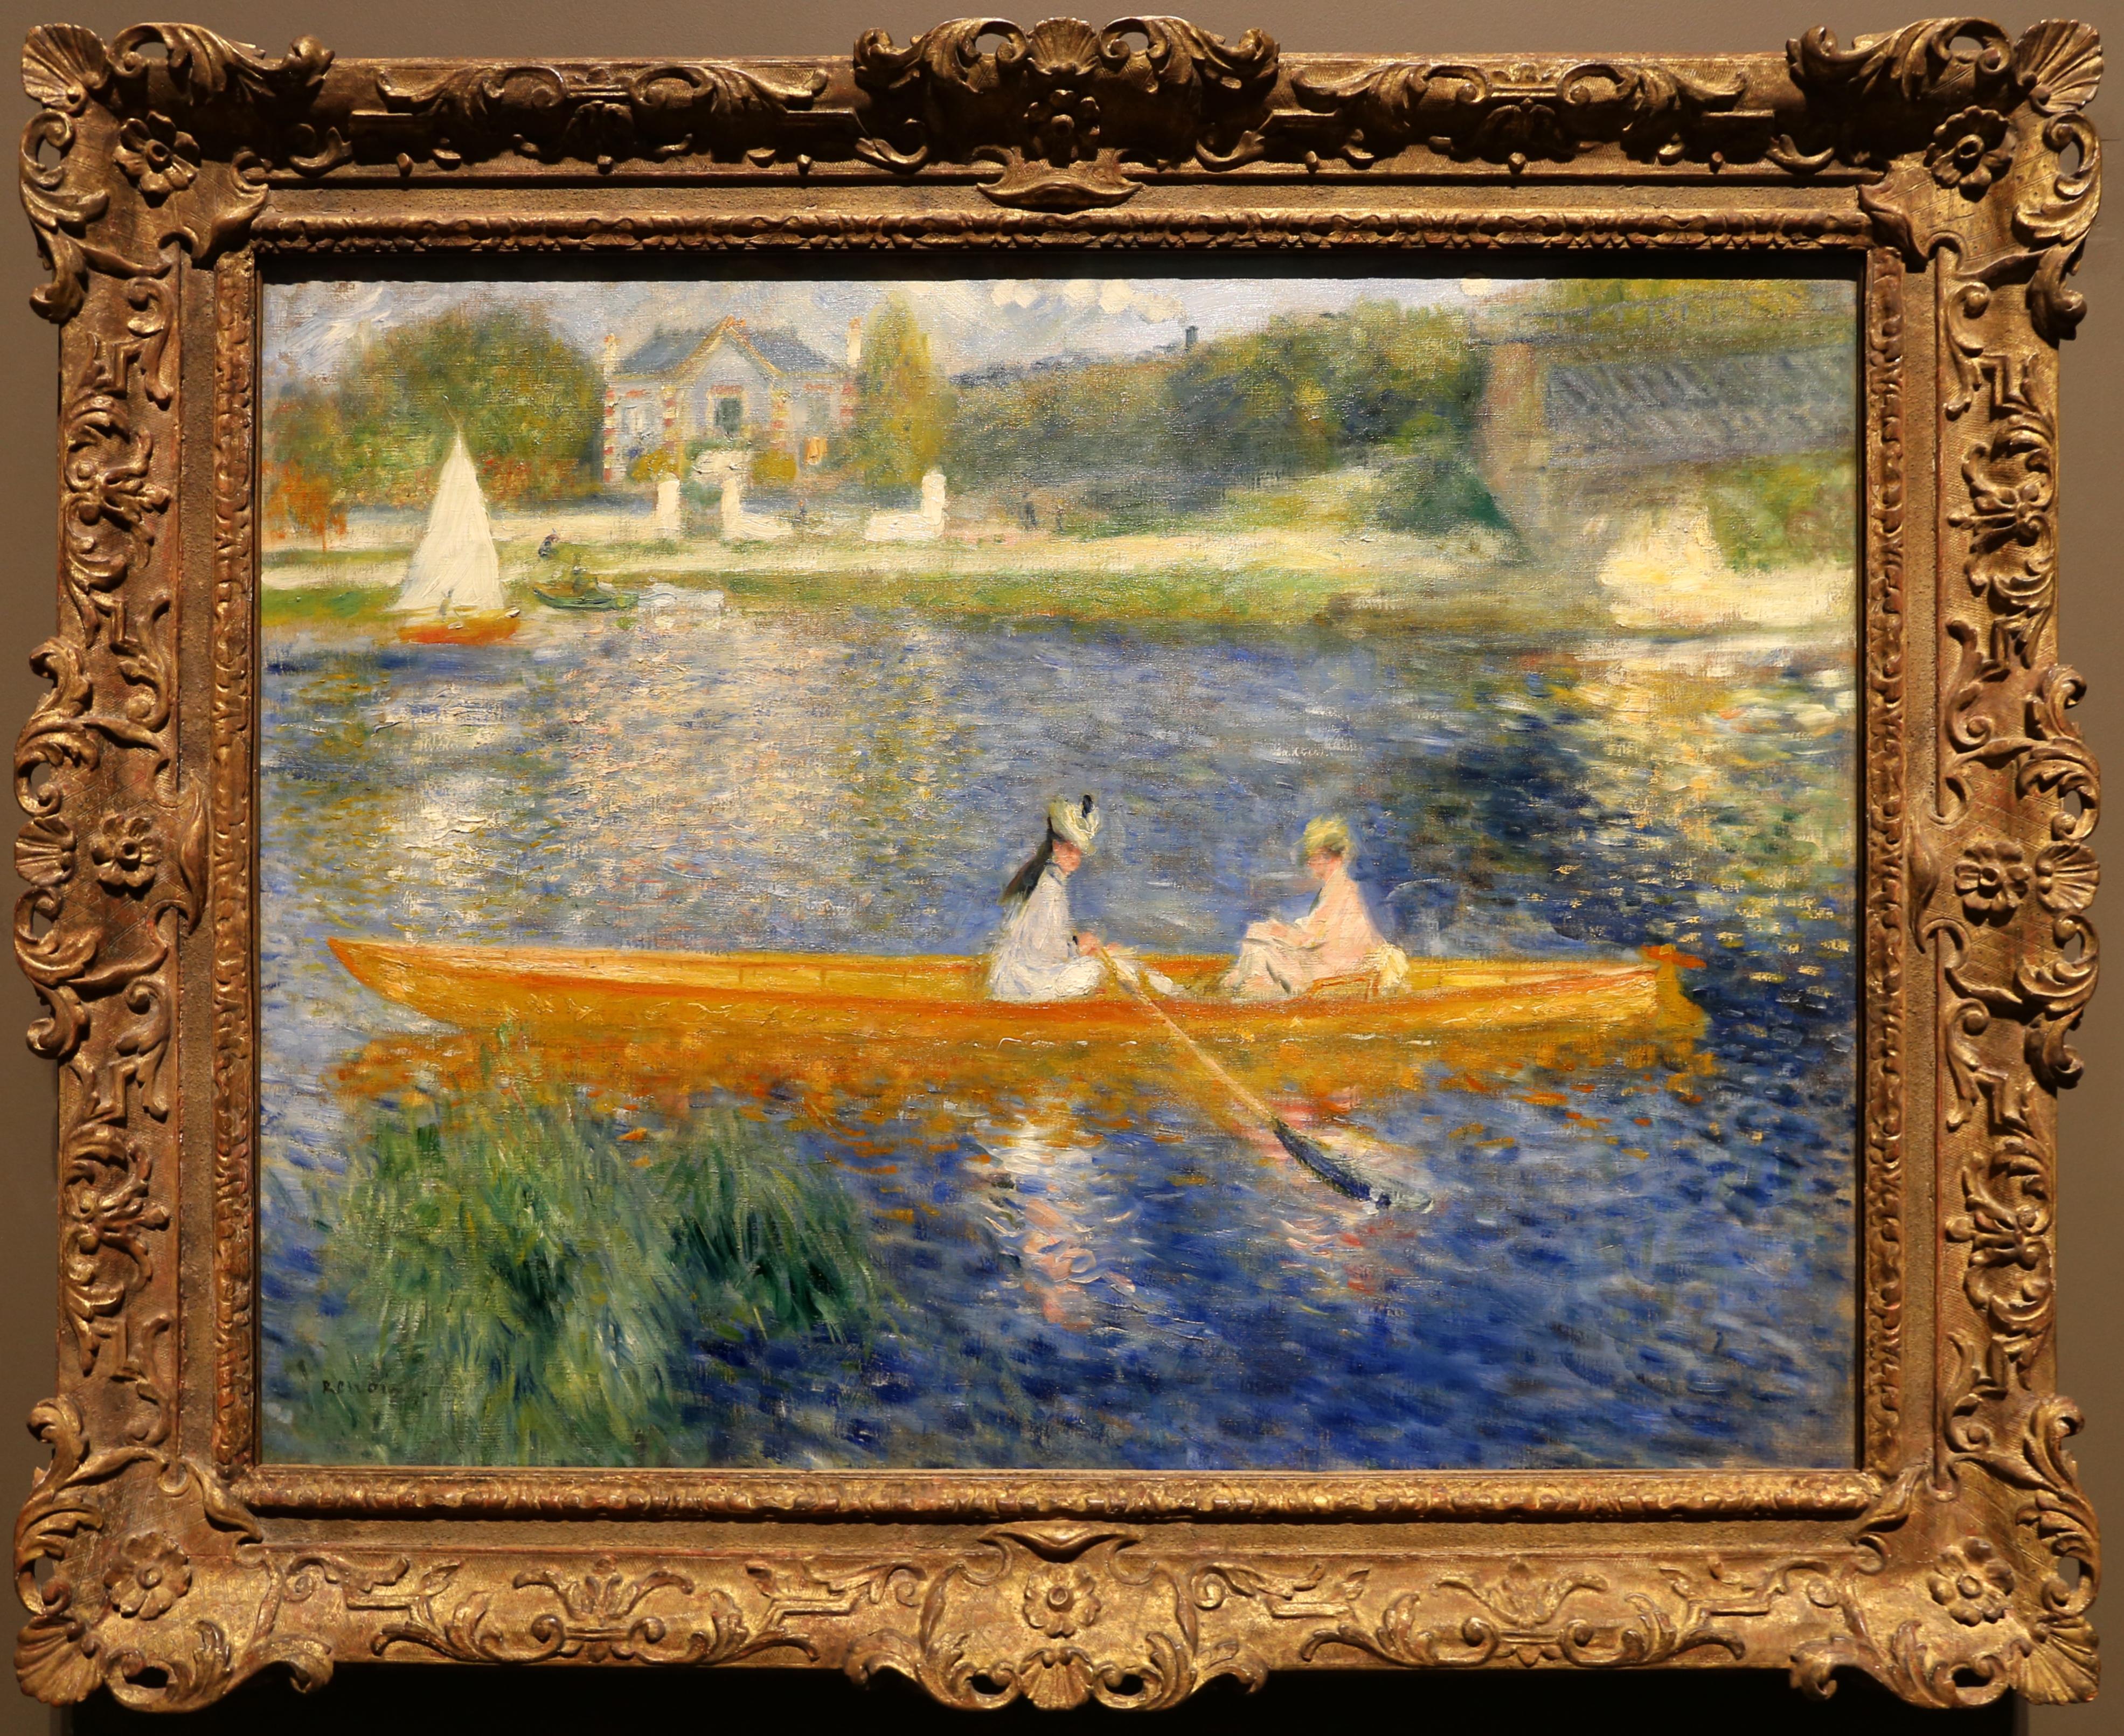 peinture - LU, VU ET ENTENDU DE TRAVERSES Pierre-auguste_renoir%2C_la_yole%2C_1875